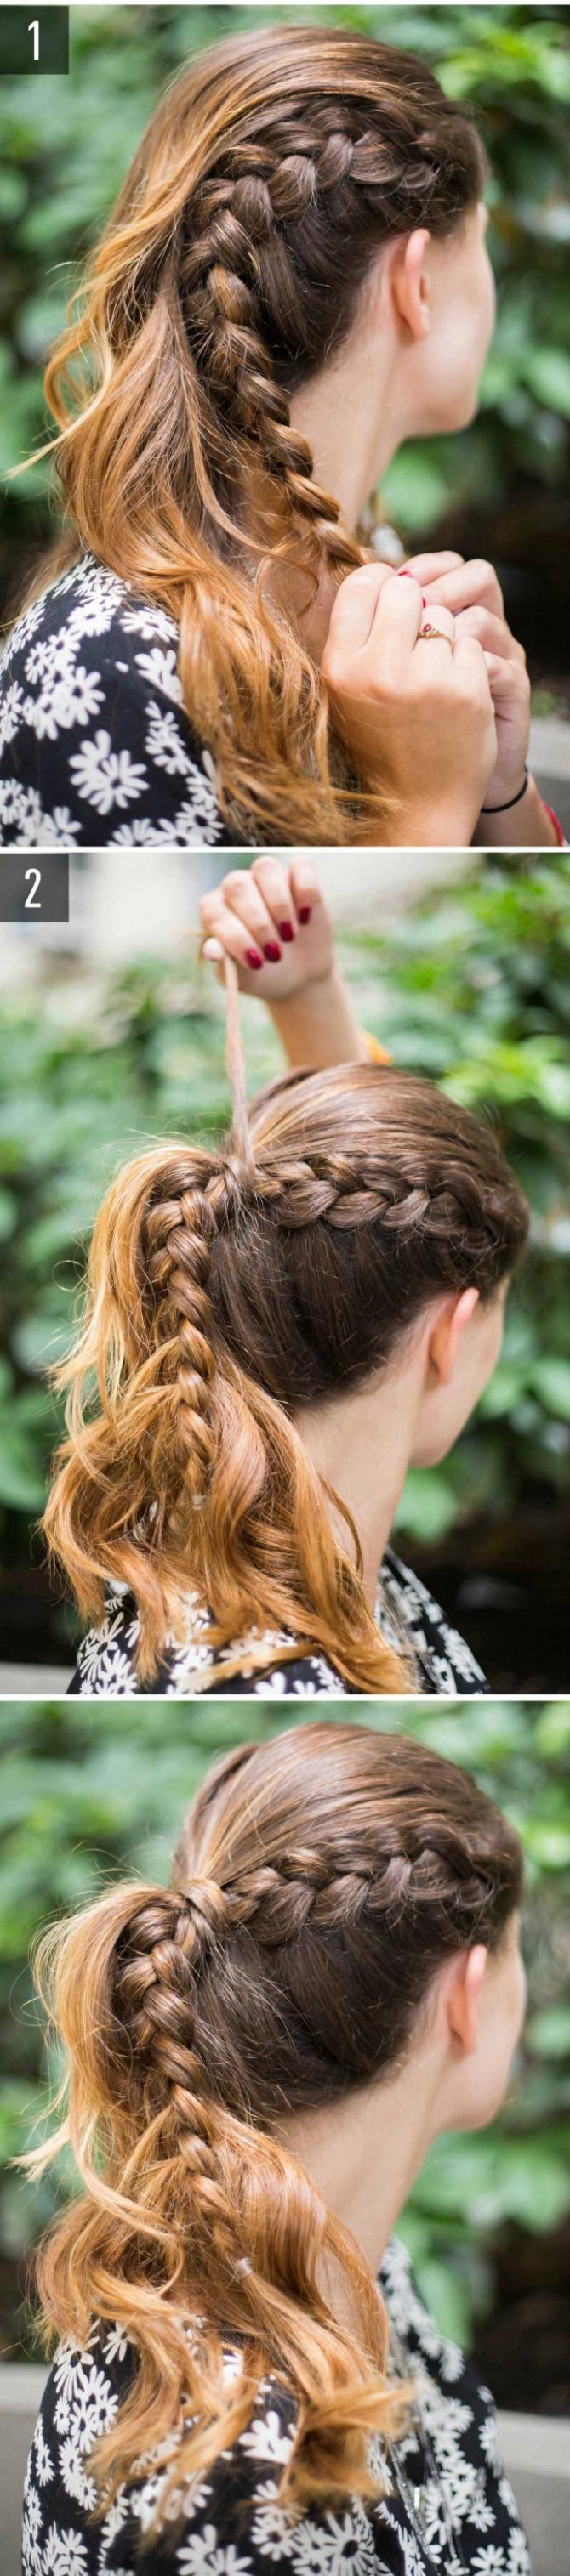 pletenica Izvanredne frizure za devojke koje STALNO kasne